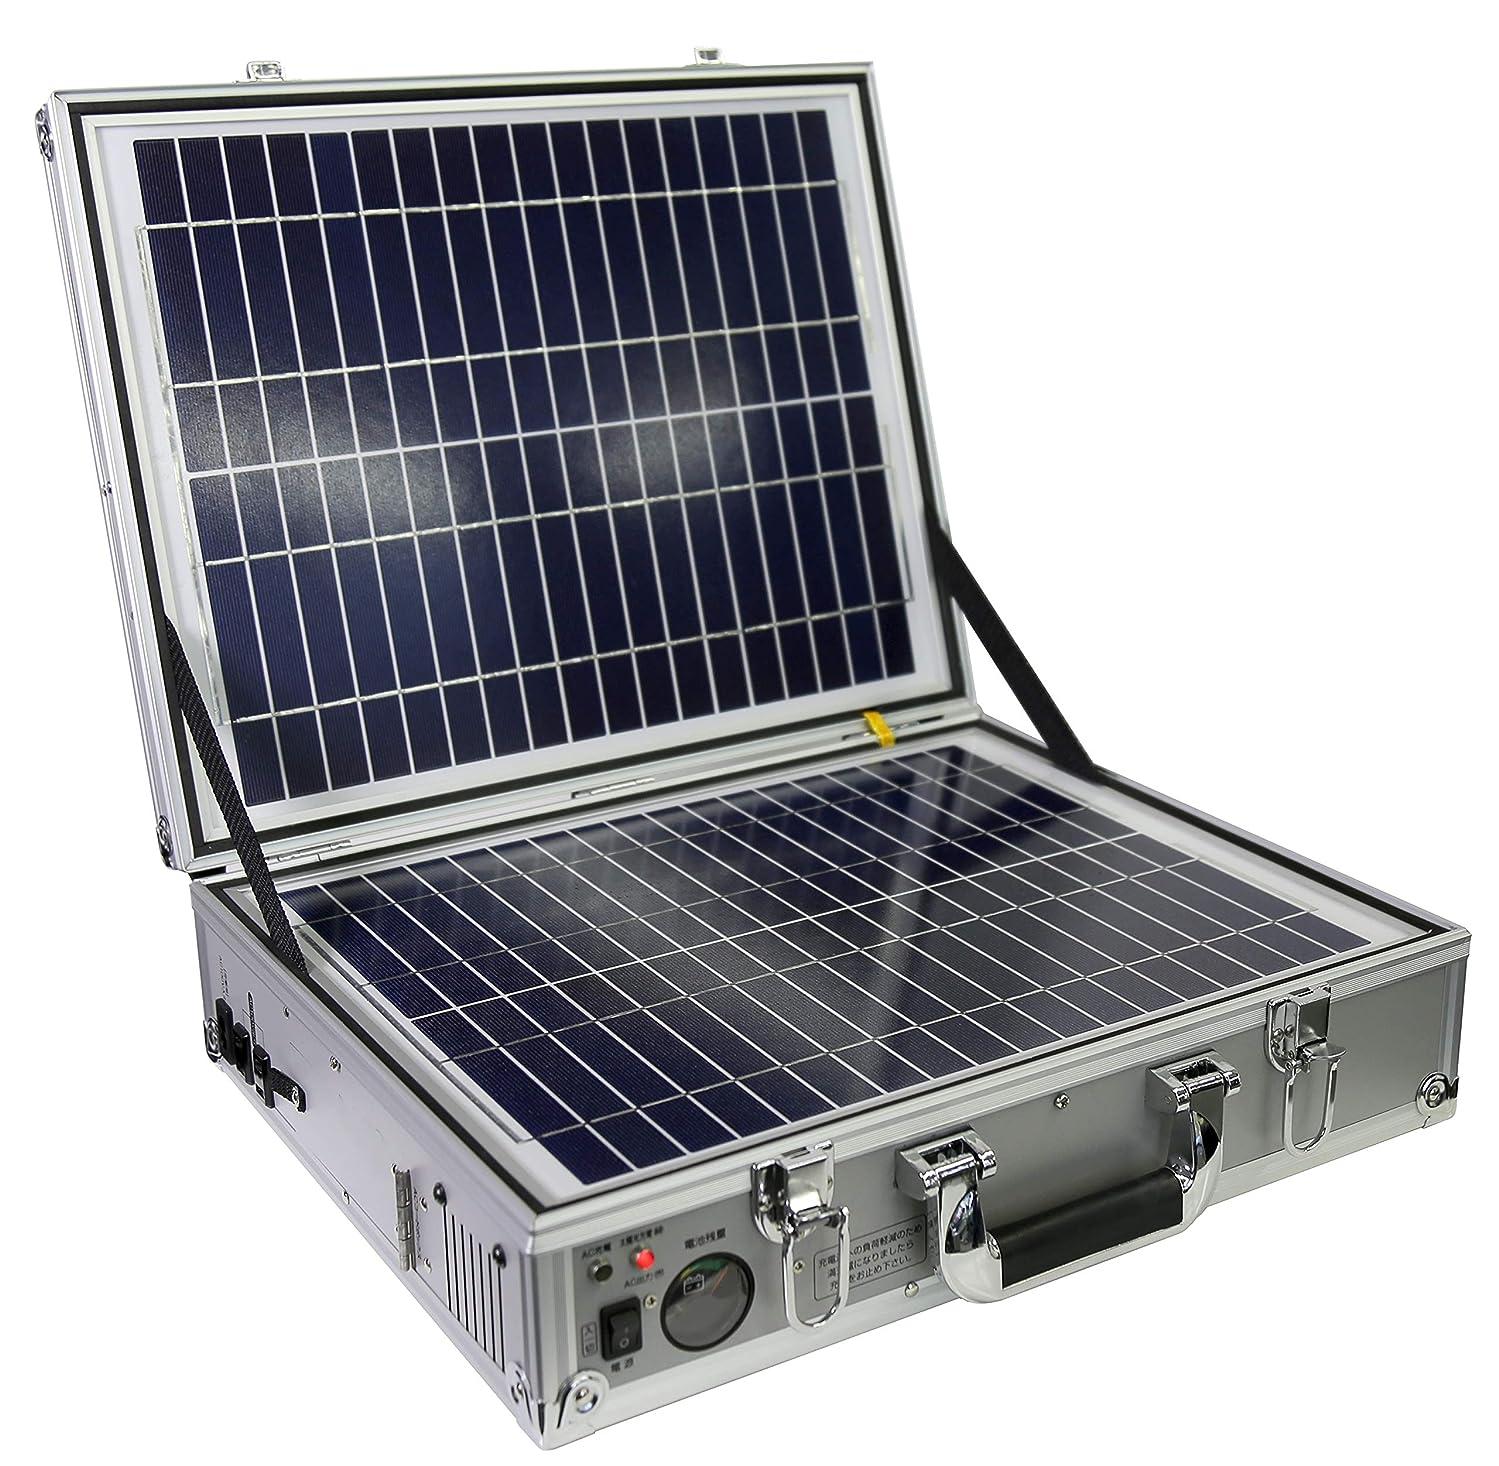 公爵自信がある出席するポータブルソーラー蓄電池『発電バリバリくん』AC100V入出力 トランク型 90000mAh/250W